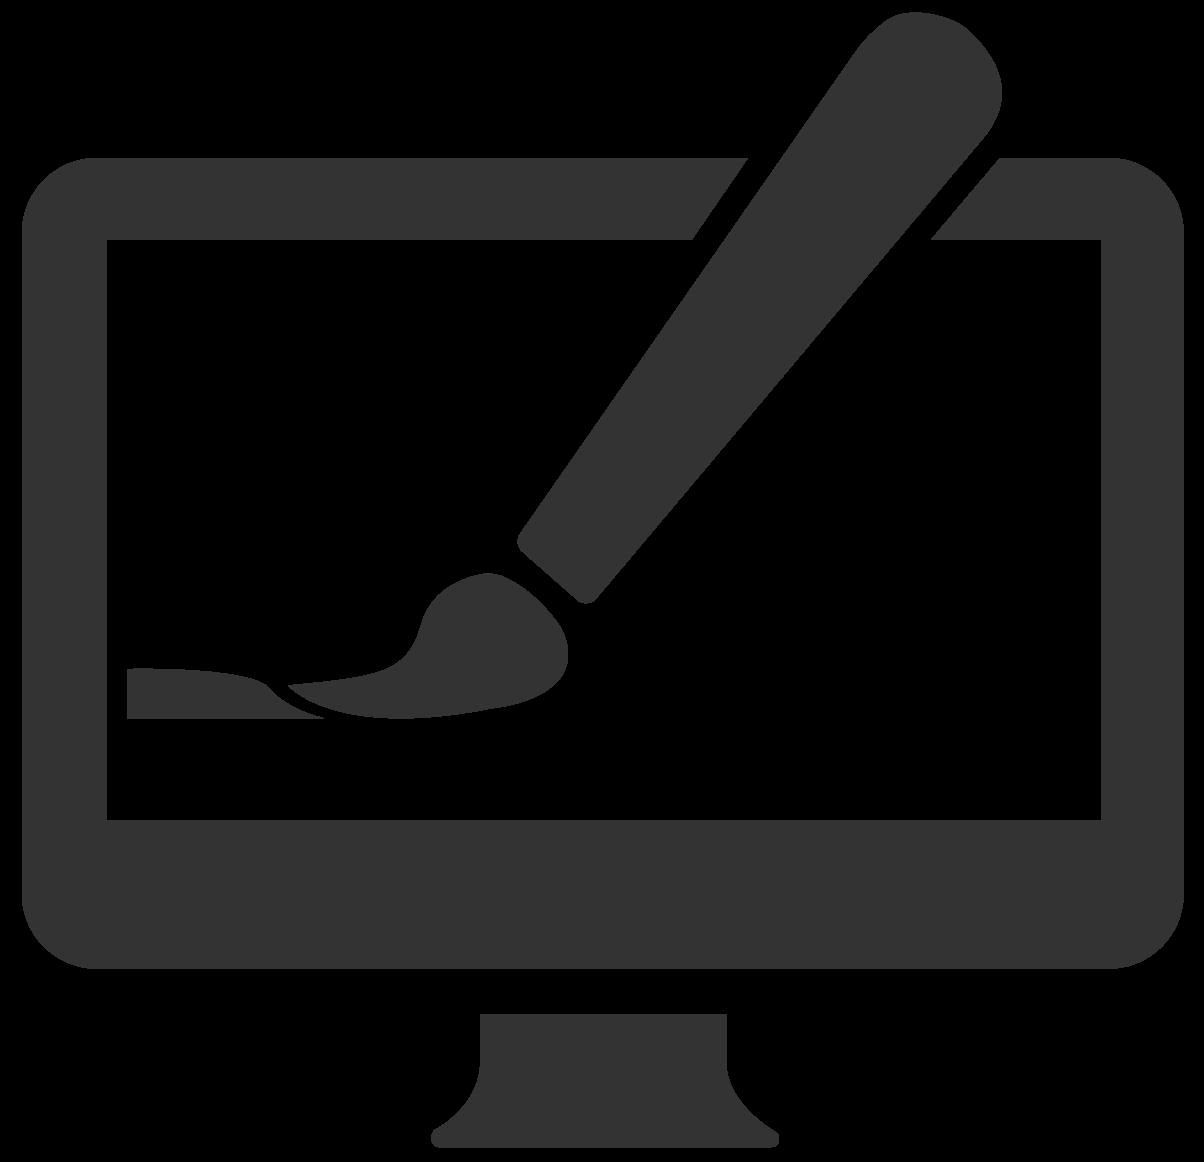 Icon-Webeagentur-Grafikdesign-Design-Webdesign-Marketing-DNZ-Networks